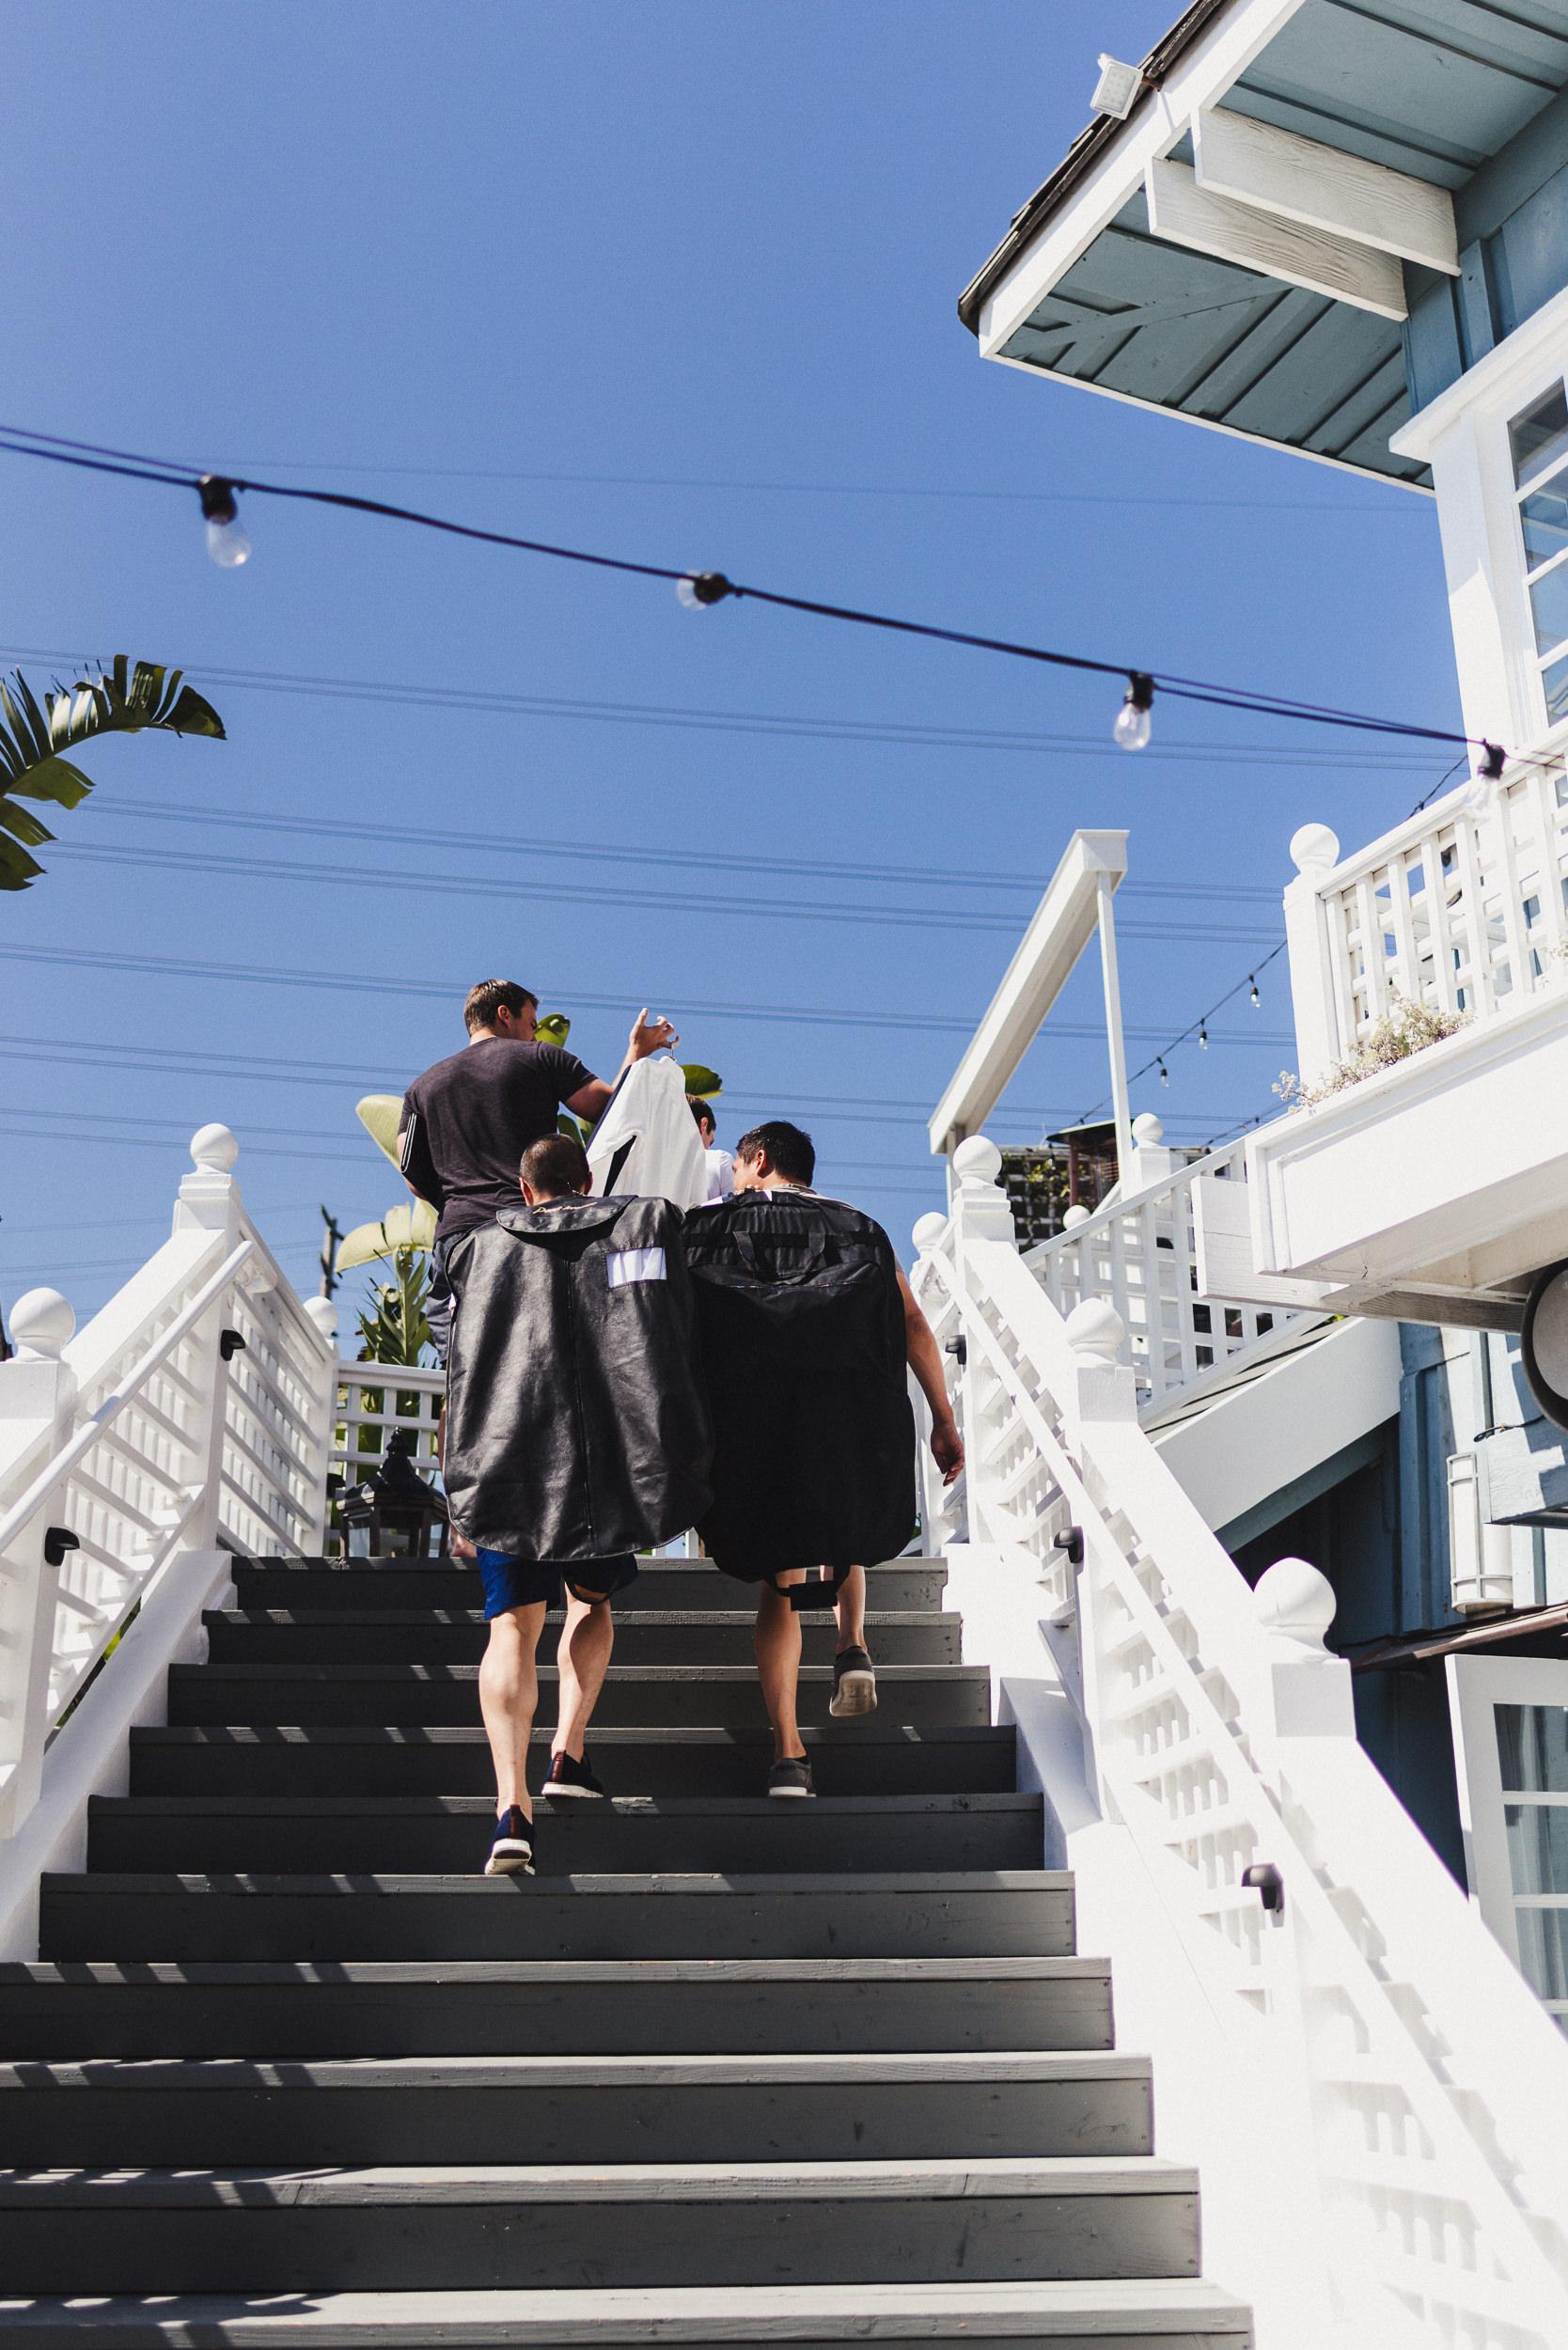 sL + E - Verandas Manhattan Beach - 02 Getting Ready-1.jpg